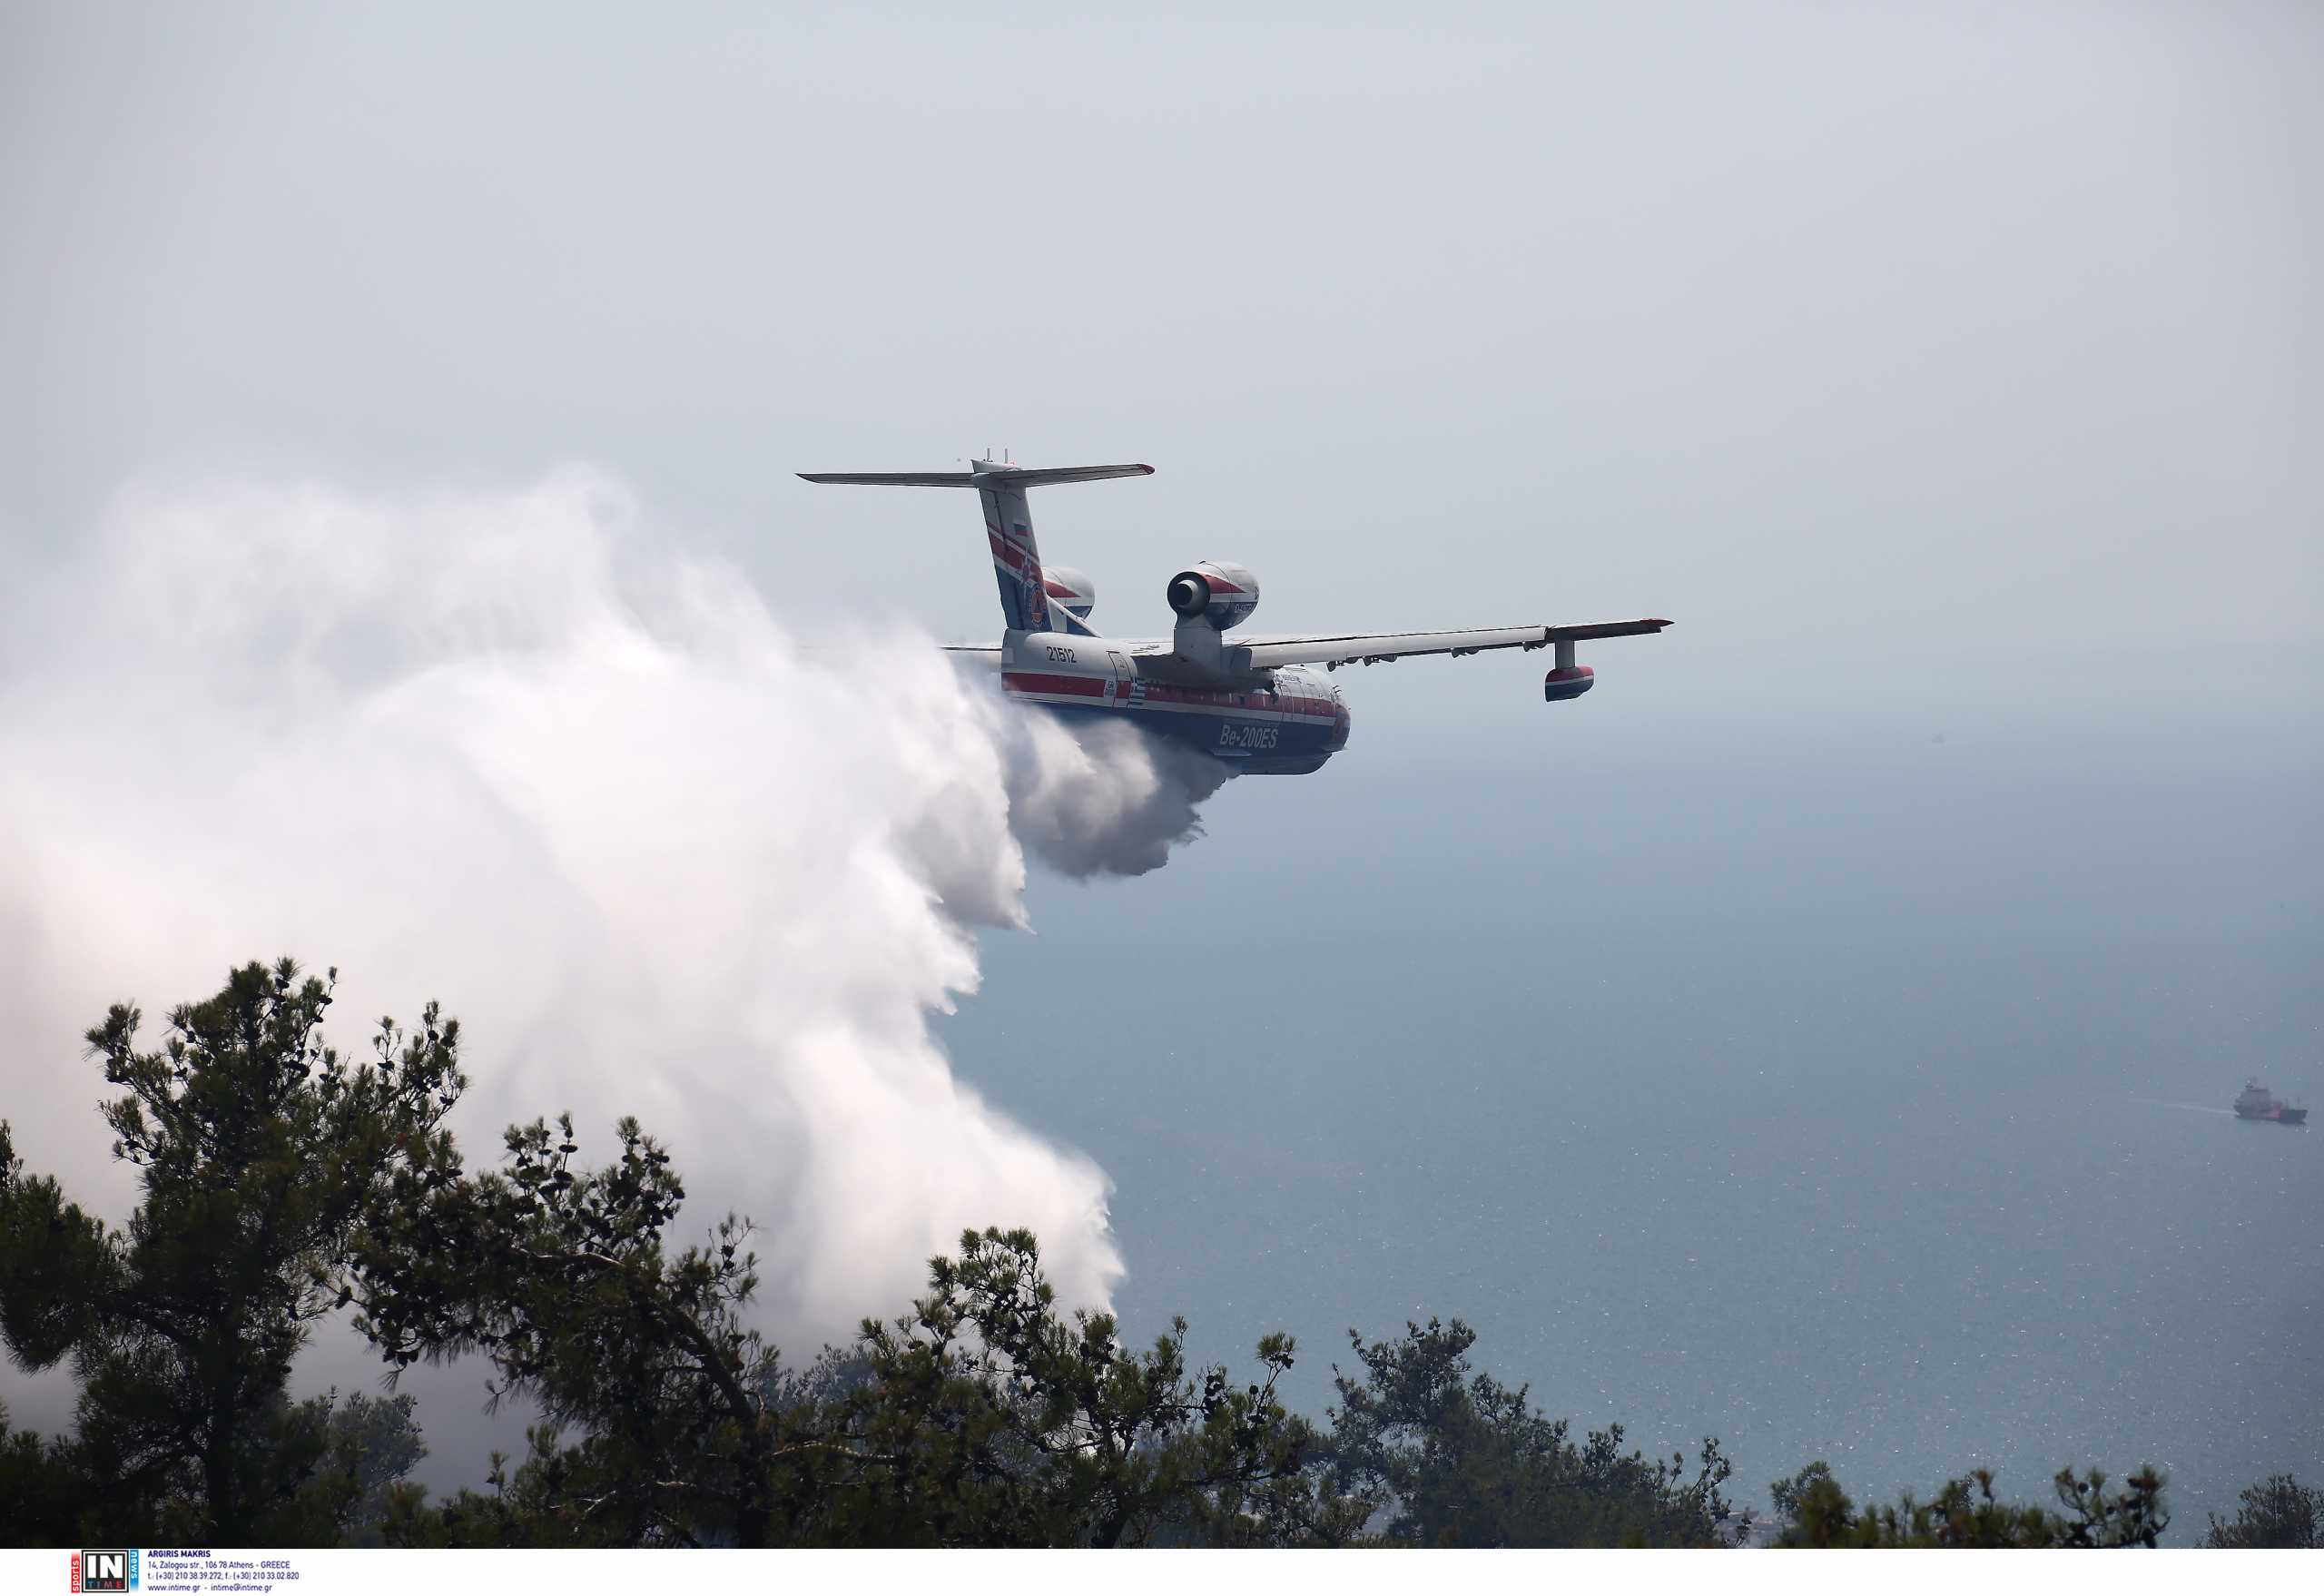 Φωτιά στη Ρόδο – Ισχυρές πυροσβεστικές δυνάμεις και εθελοντές στο σημείο